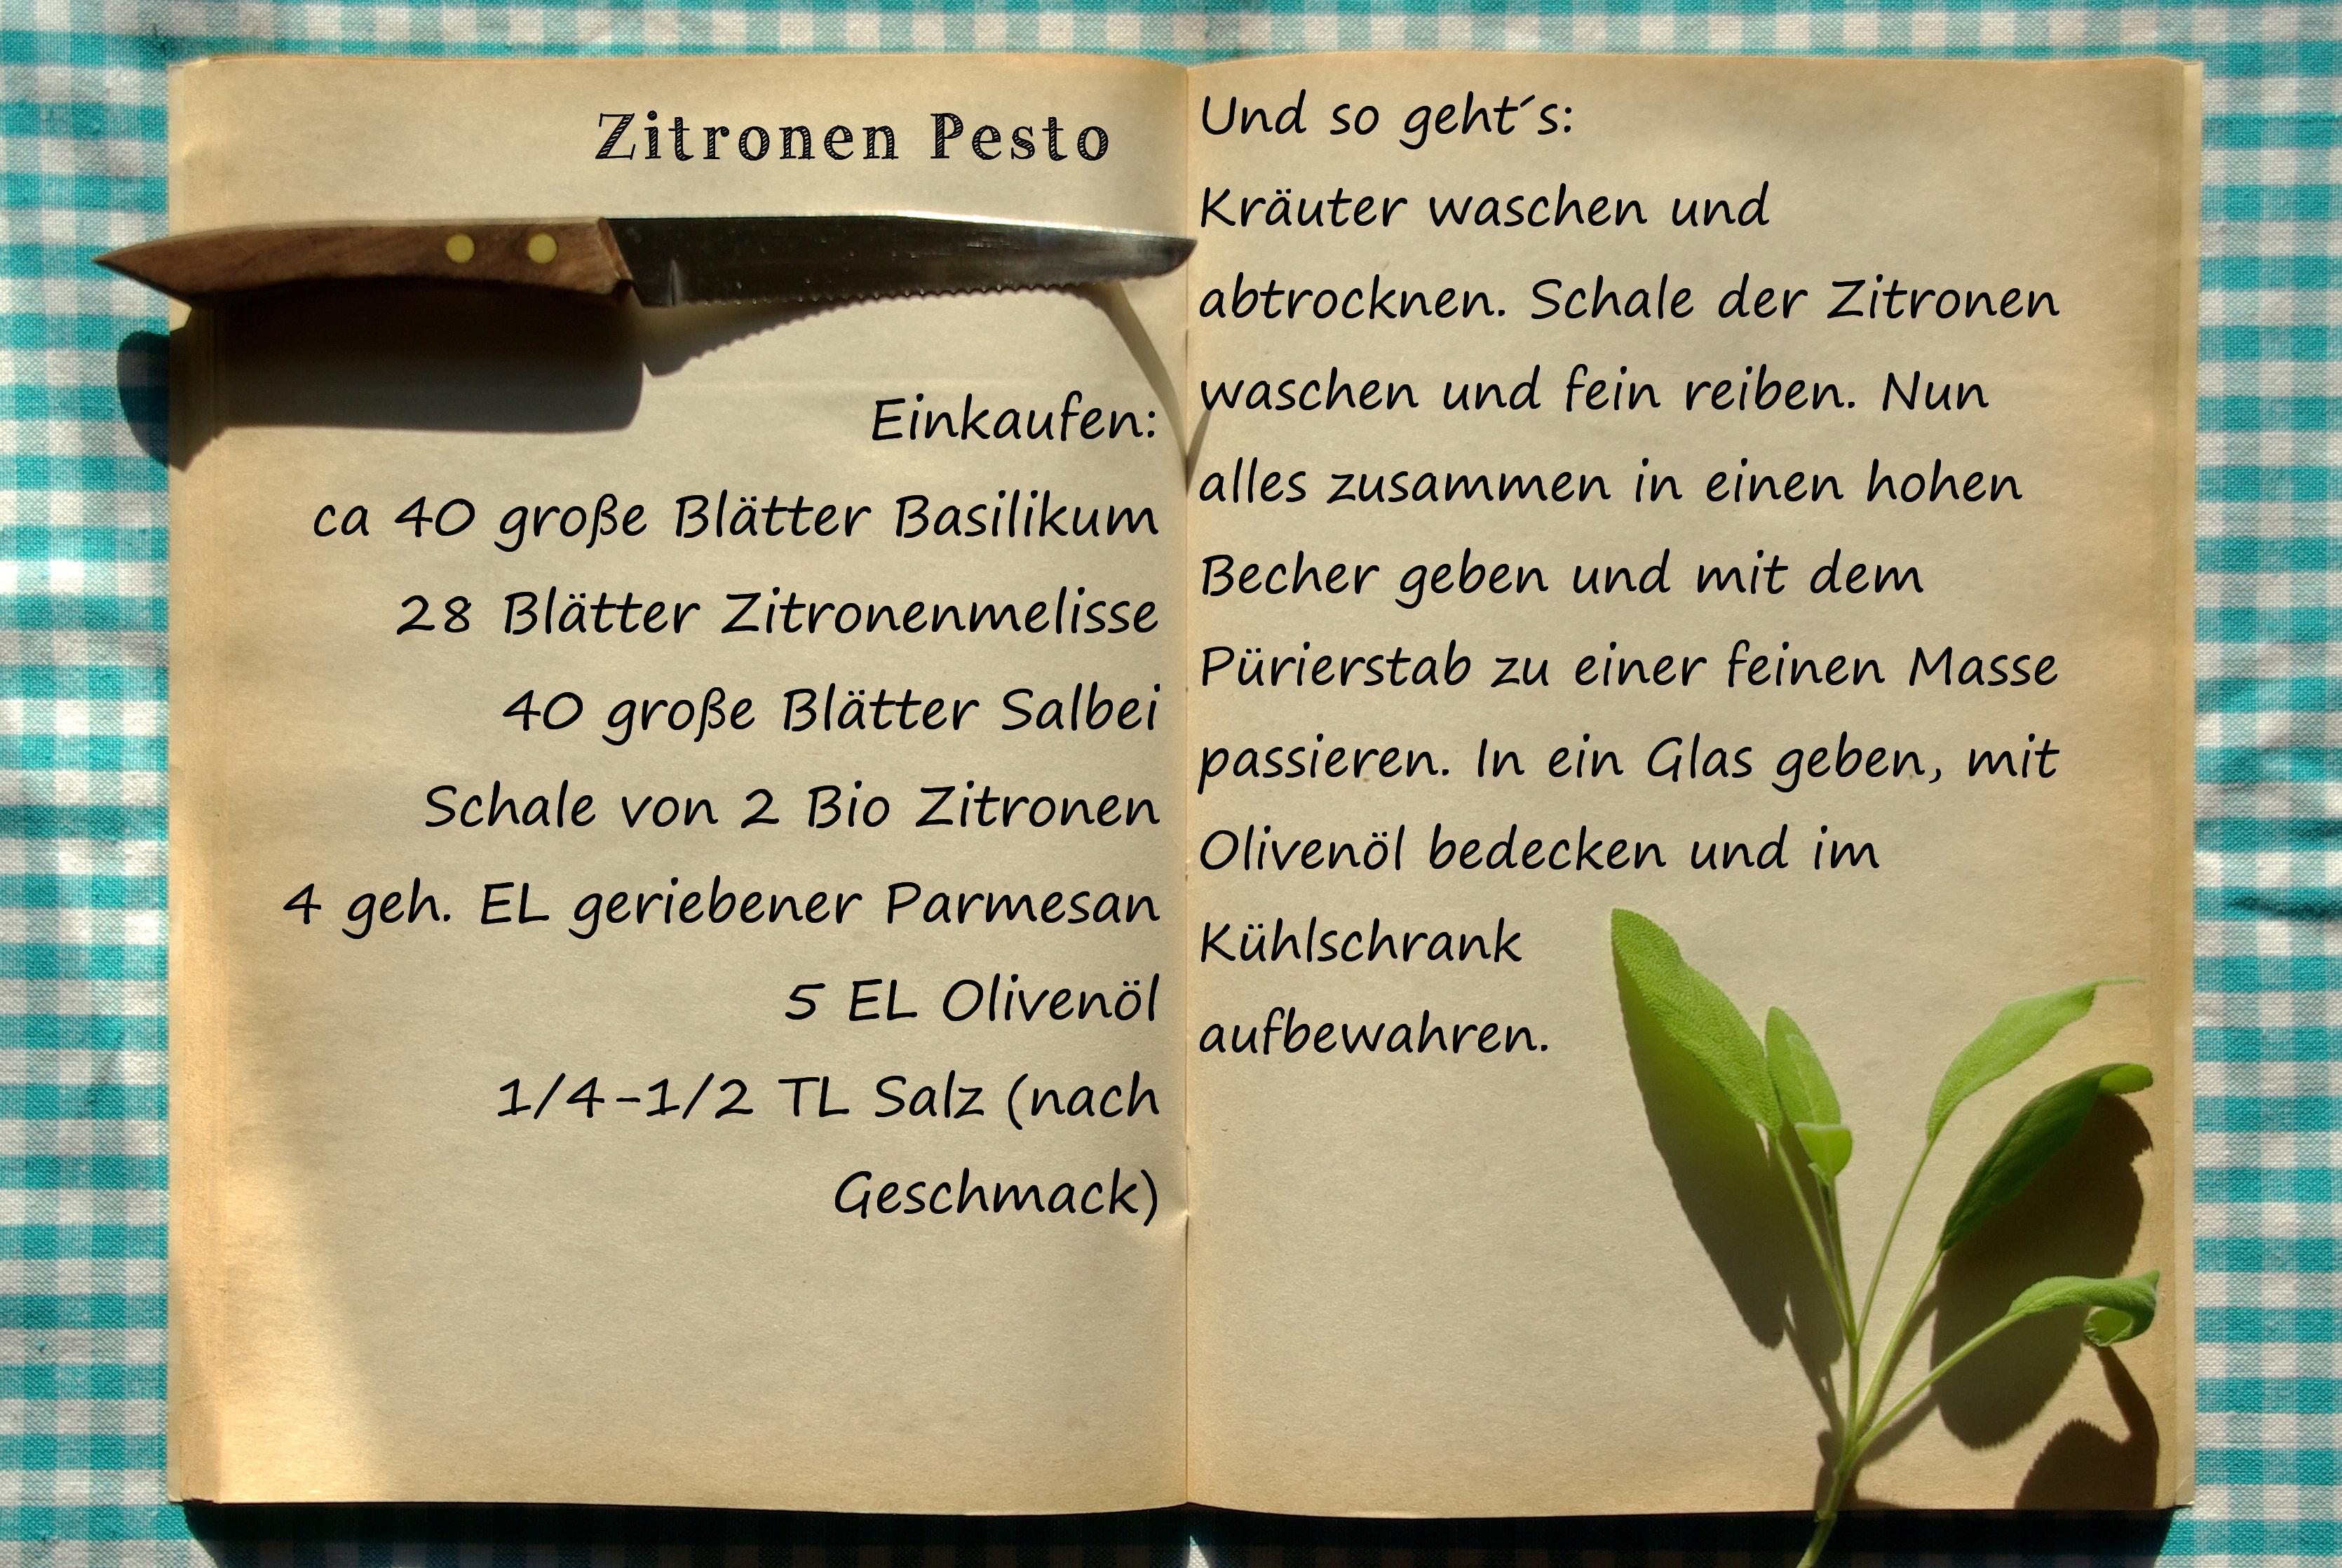 Einkaufszettel Zitronenpesto by Glasgeflüster